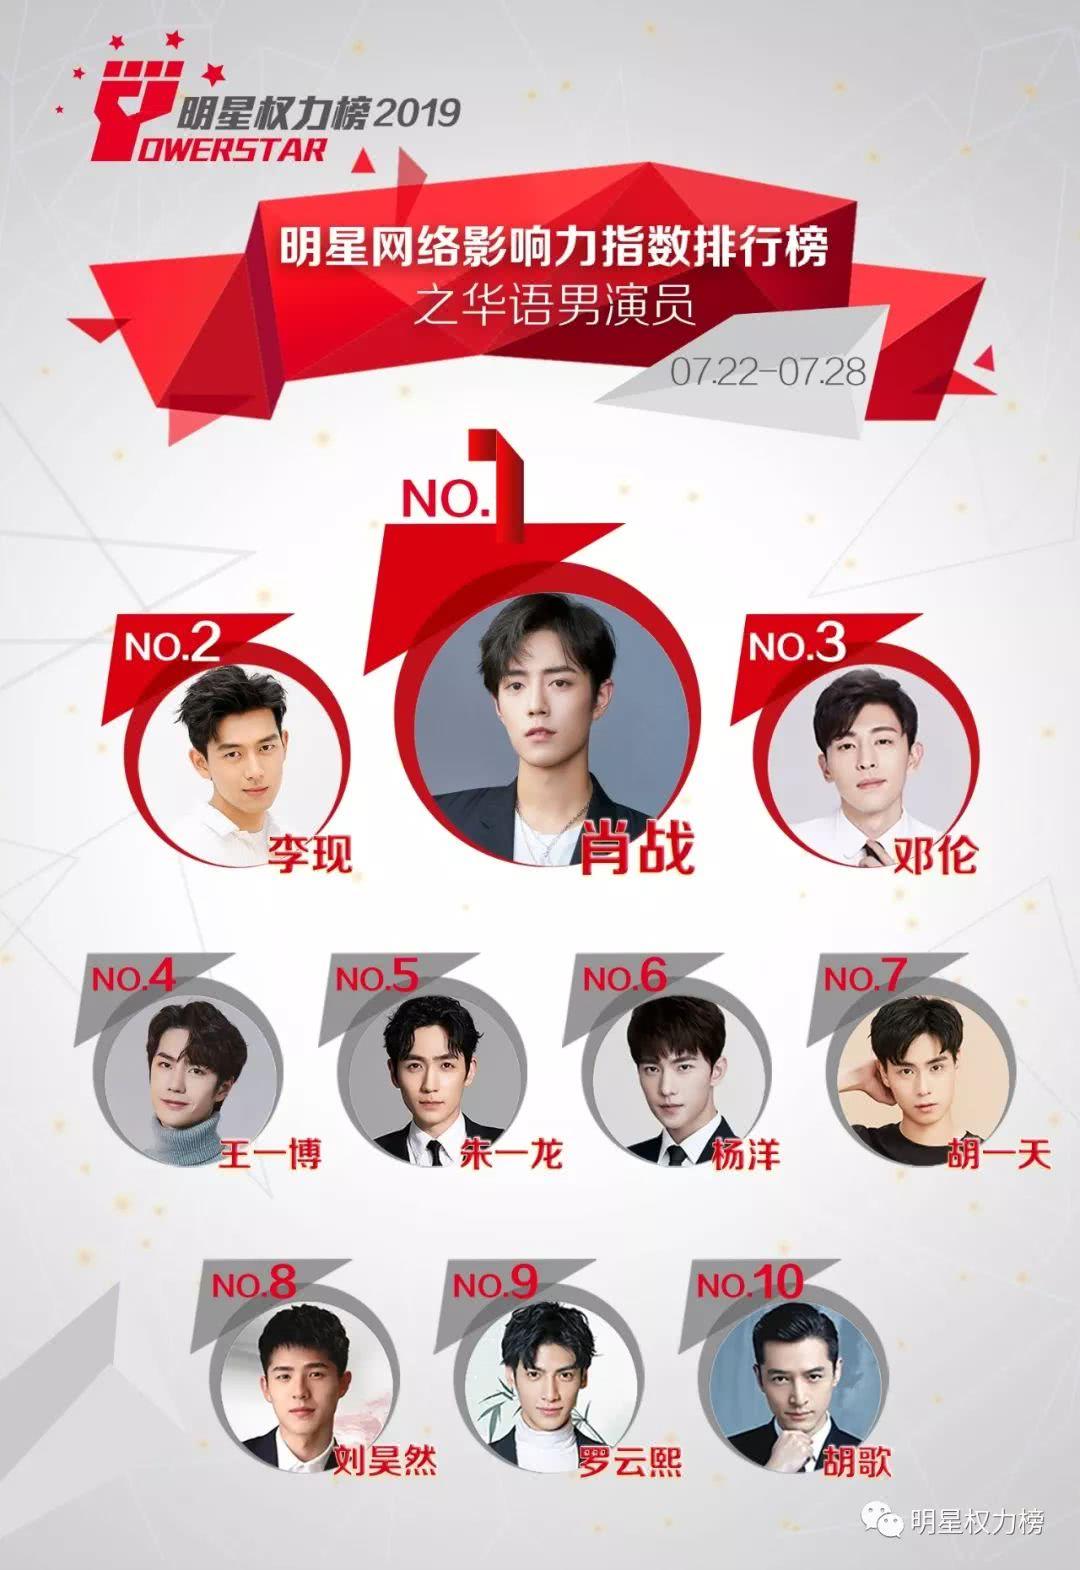 明星网络影响力指数排行榜第210期榜单之华语男演员Top10